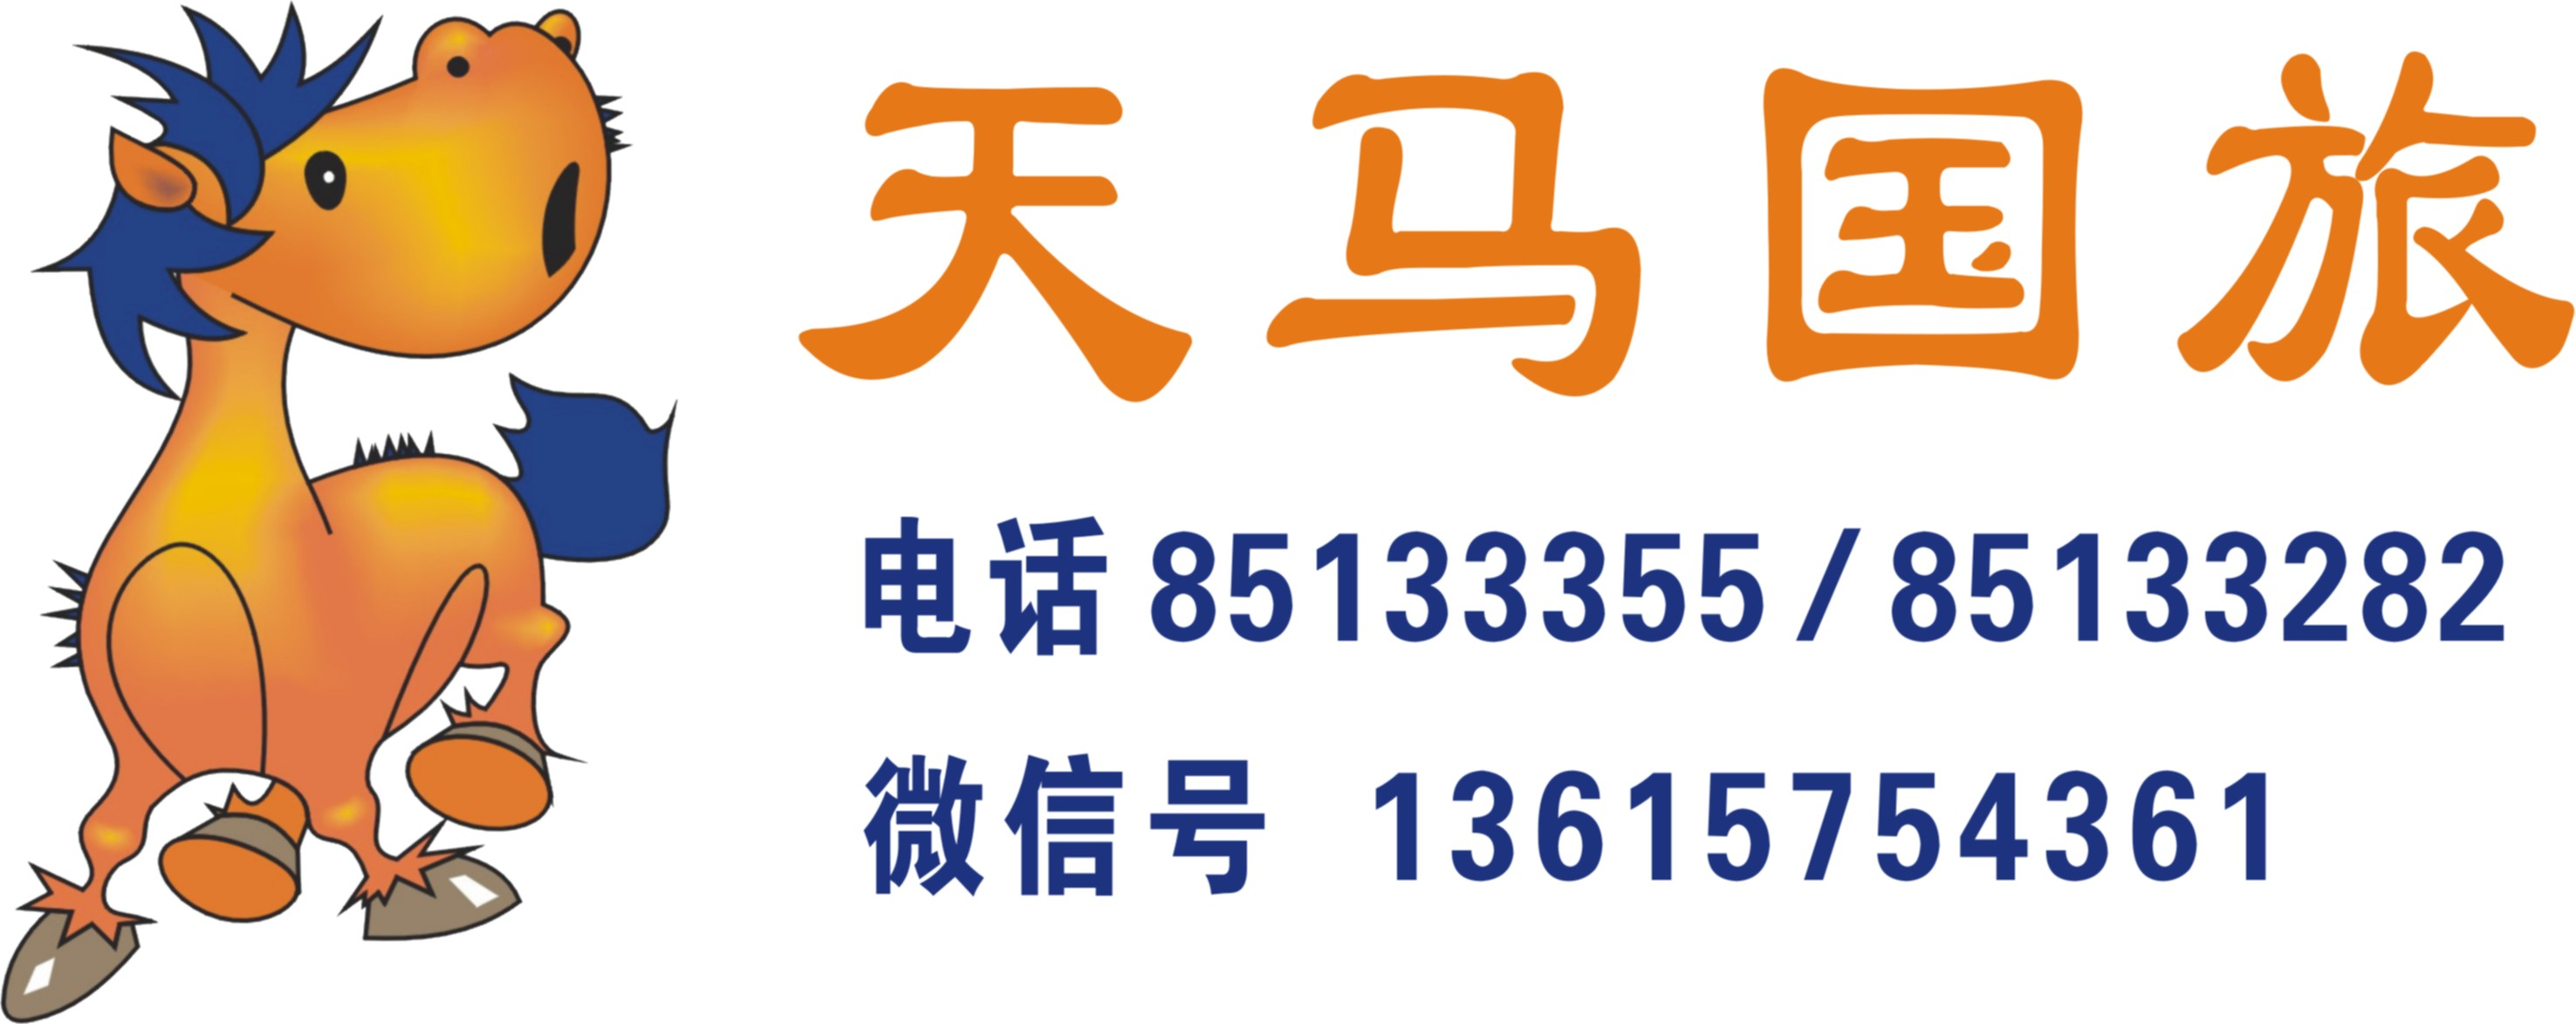 3.28【温州雁荡山净名谷、文成百丈漈特价二日】